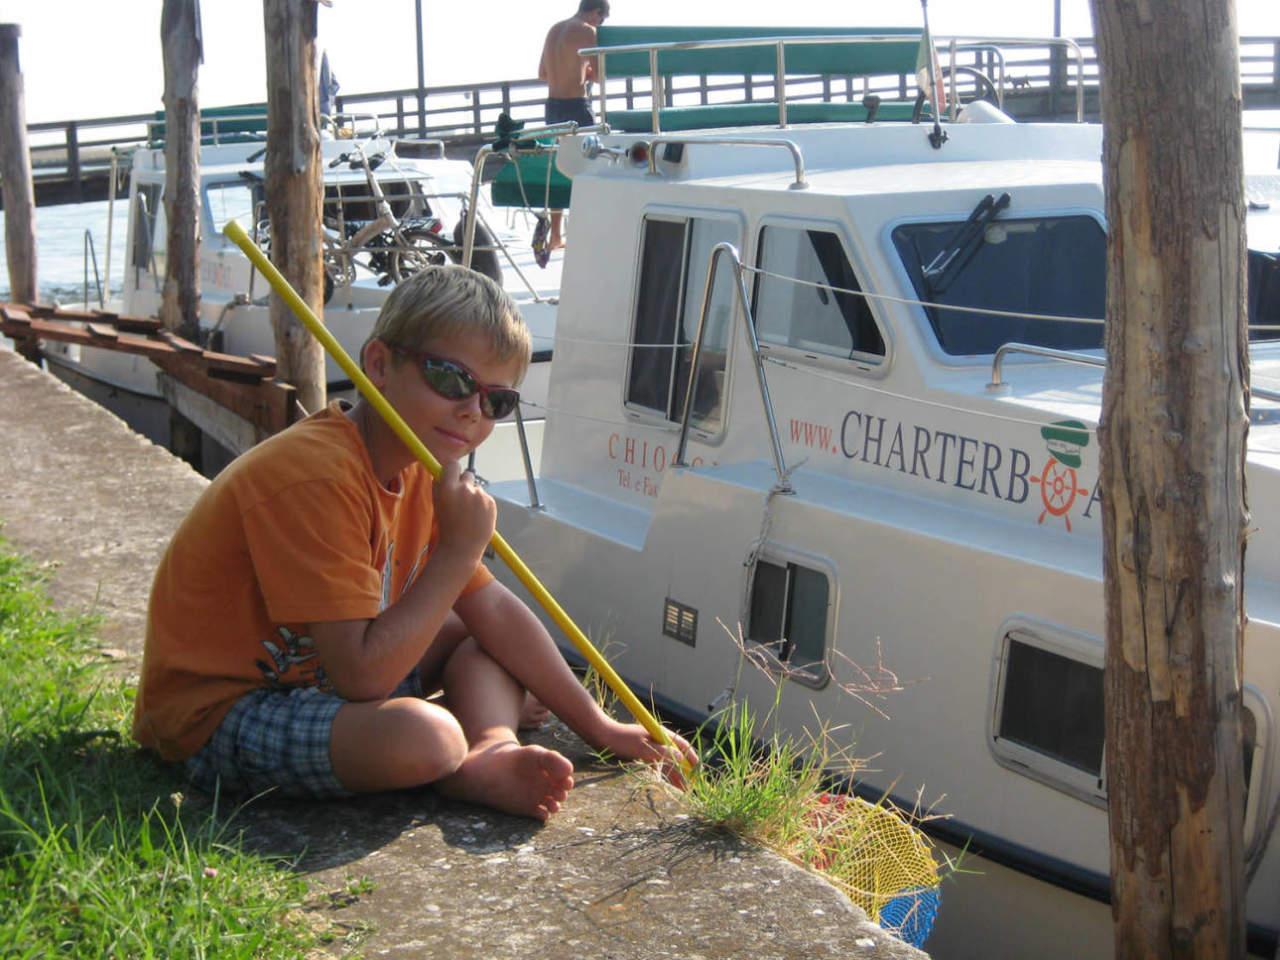 Bambino pesca pescare in barca houseboat a Chioggia